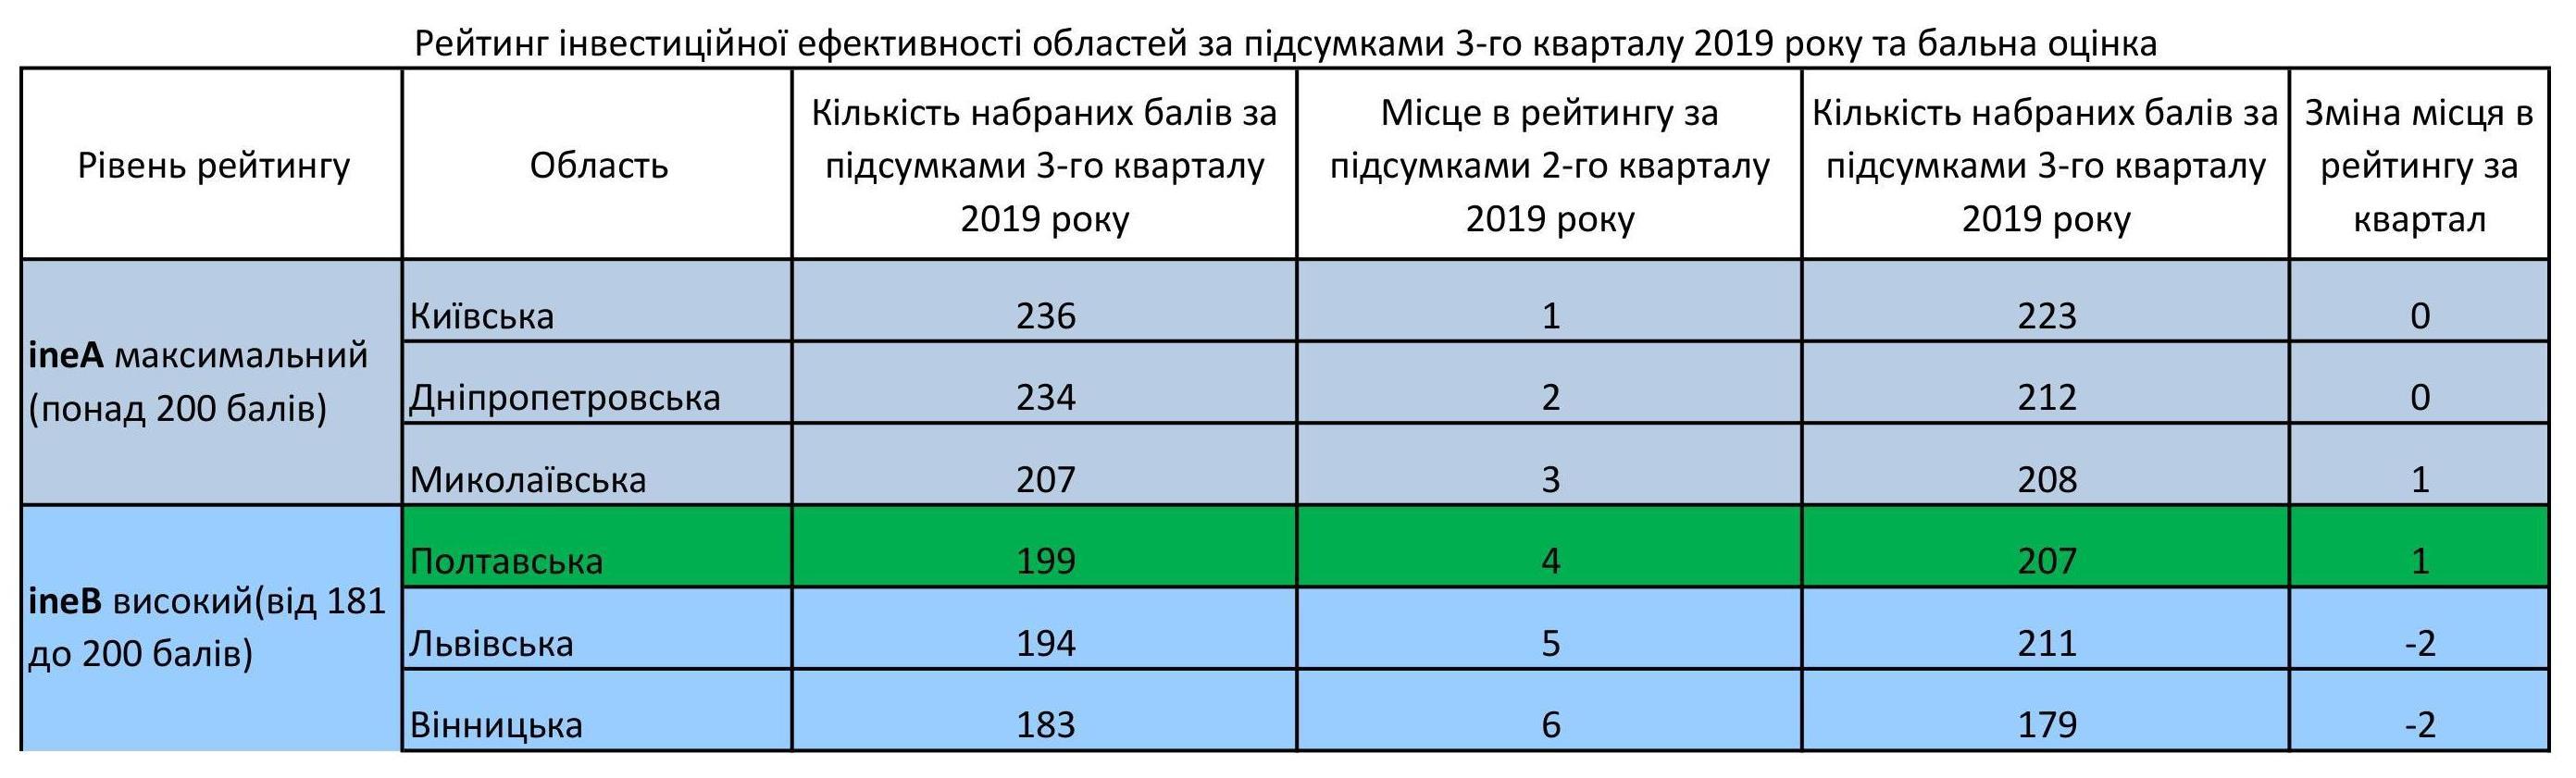 Полтавська область посіла четверте місце в рейтингу інвестиційної ефективності